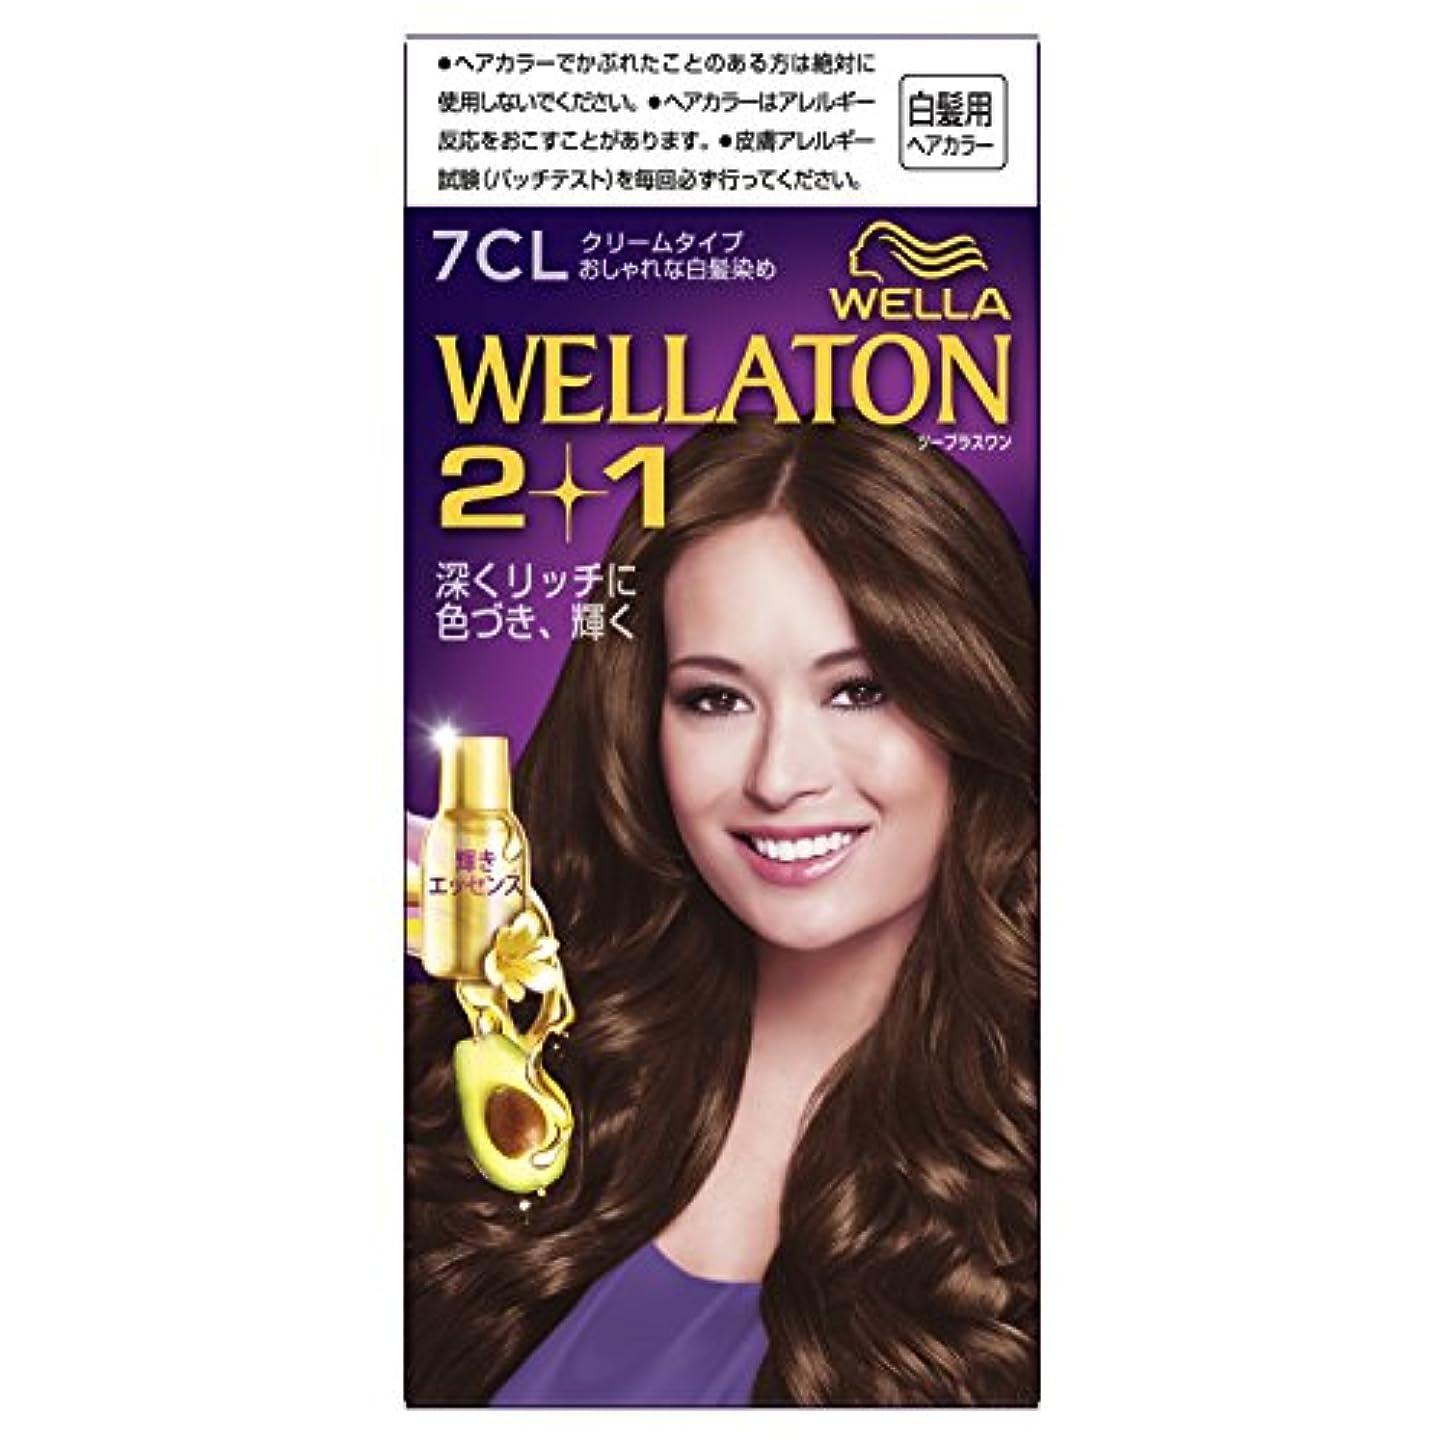 壊滅的なイヤホン誕生日ウエラトーン2+1 クリームタイプ 7CL [医薬部外品](おしゃれな白髪染め)